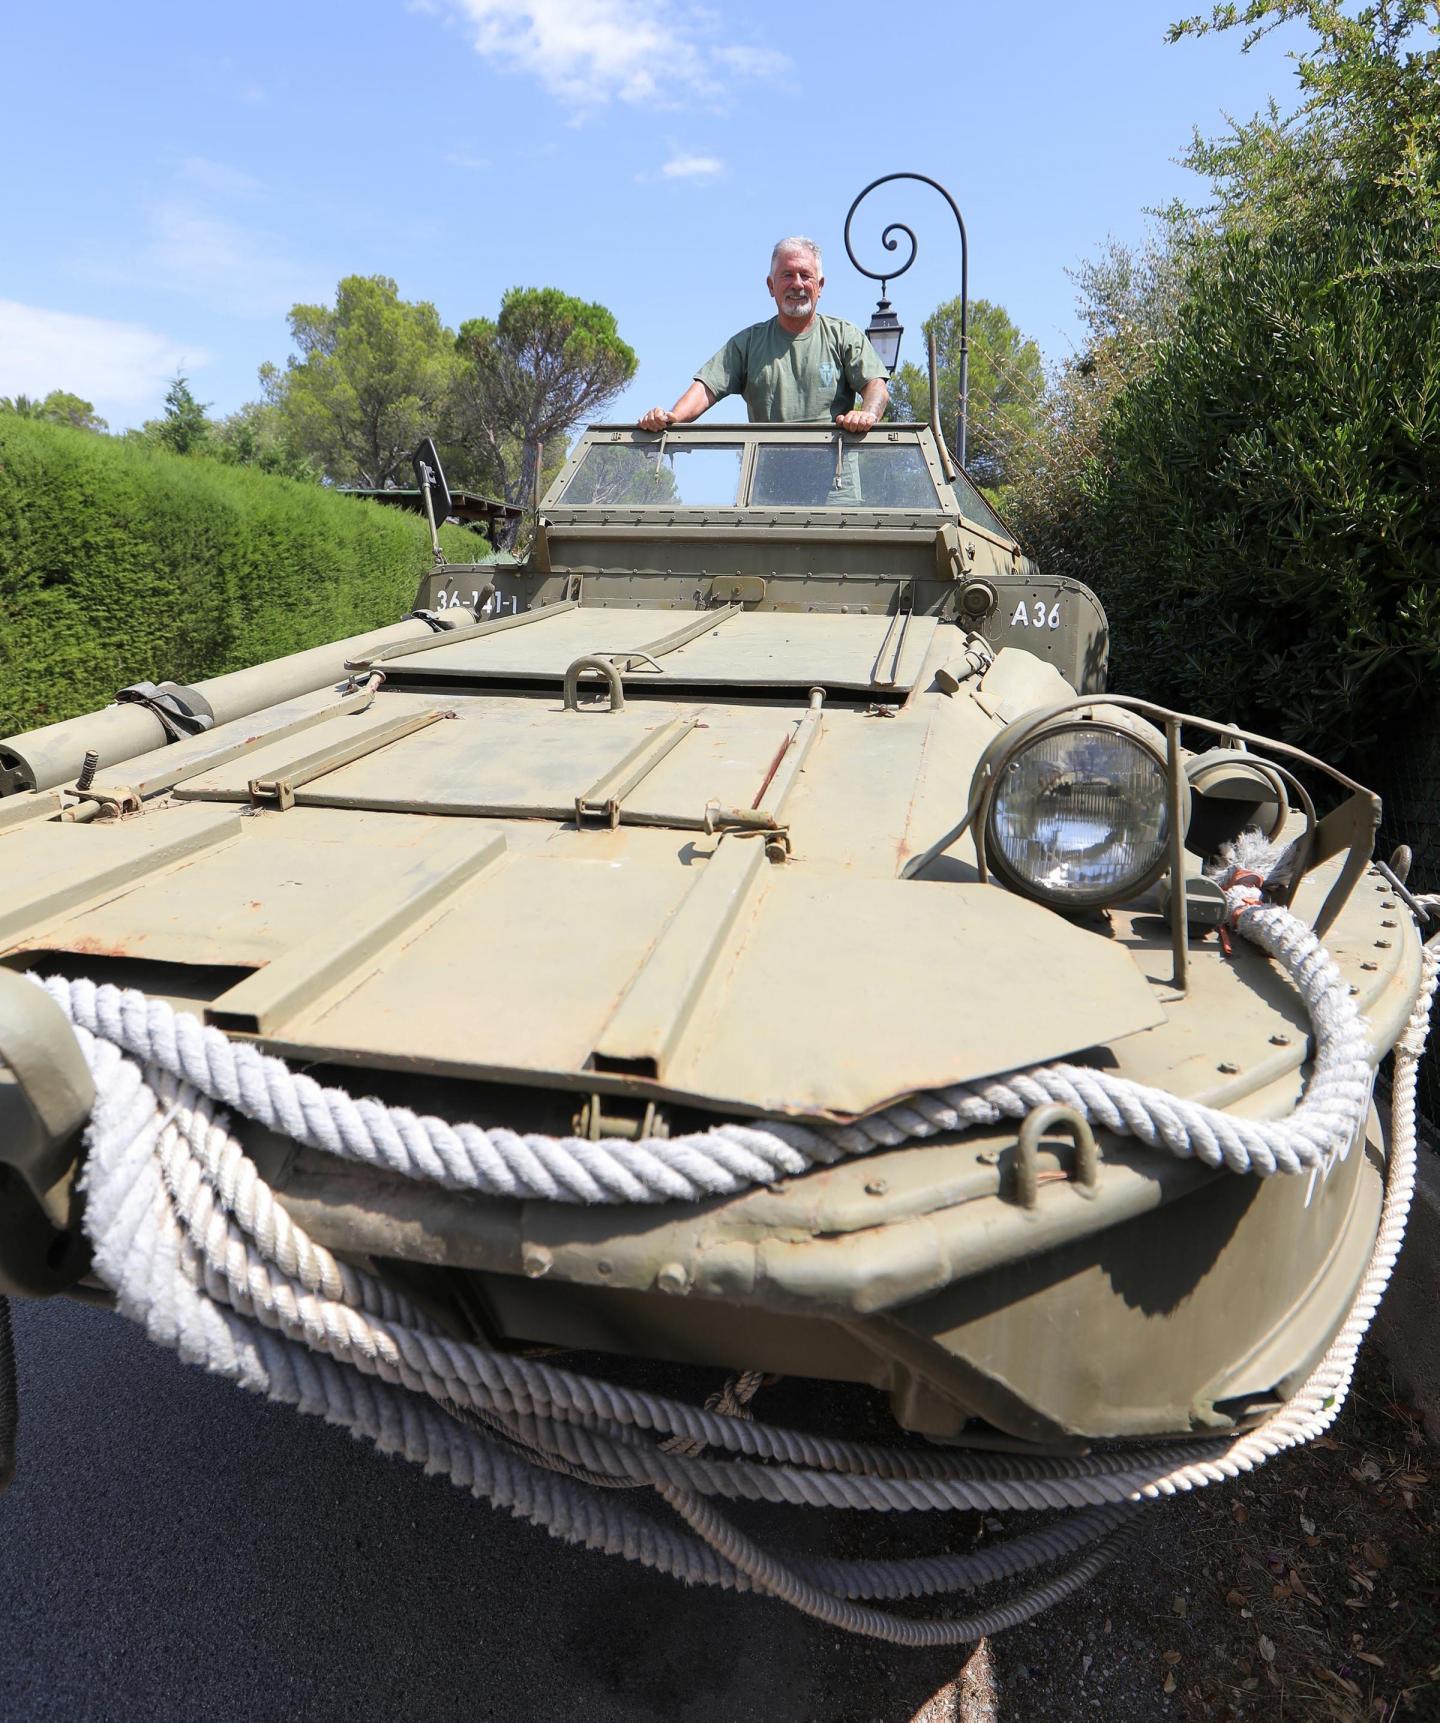 Le pilote Lucien a hâte d'exhiber ce nouveau véhicule pour faire plaisir à tous les amateurs d'engins militaires d'époque.